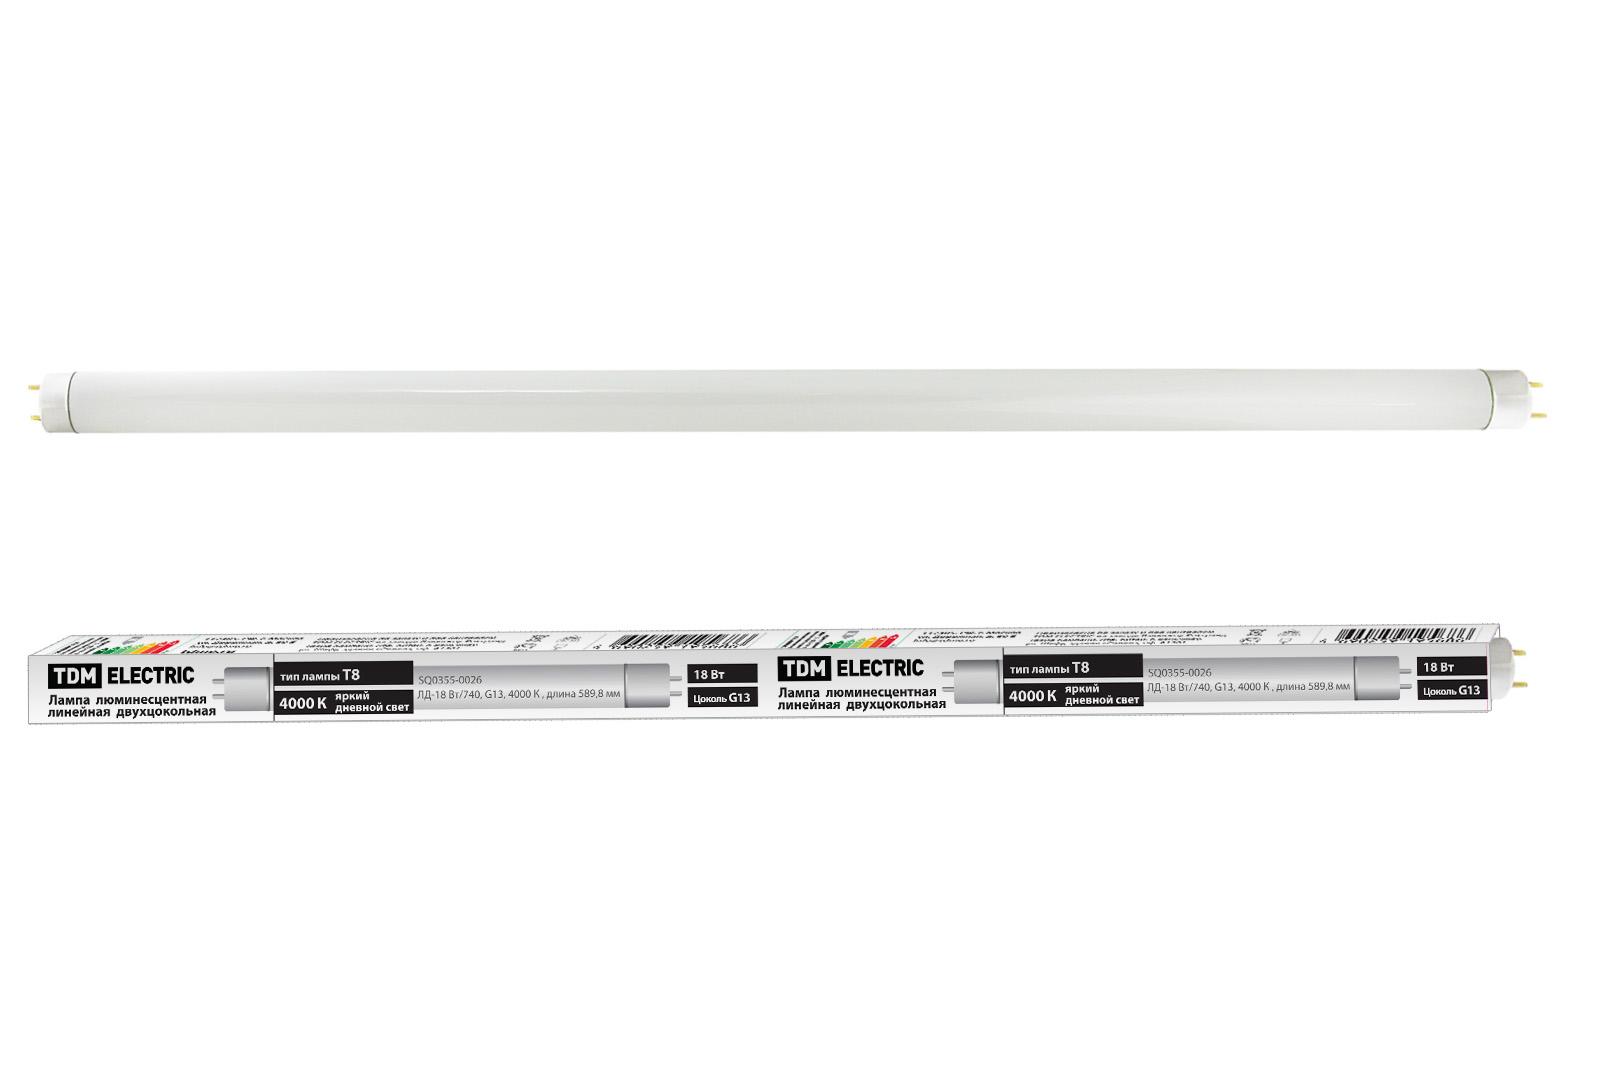 Фото Лампа люминесцентная линейная двухцокольная ЛЛ-18Вт/640, T8/G13, 4000 К TDM {SQ0355-0026}